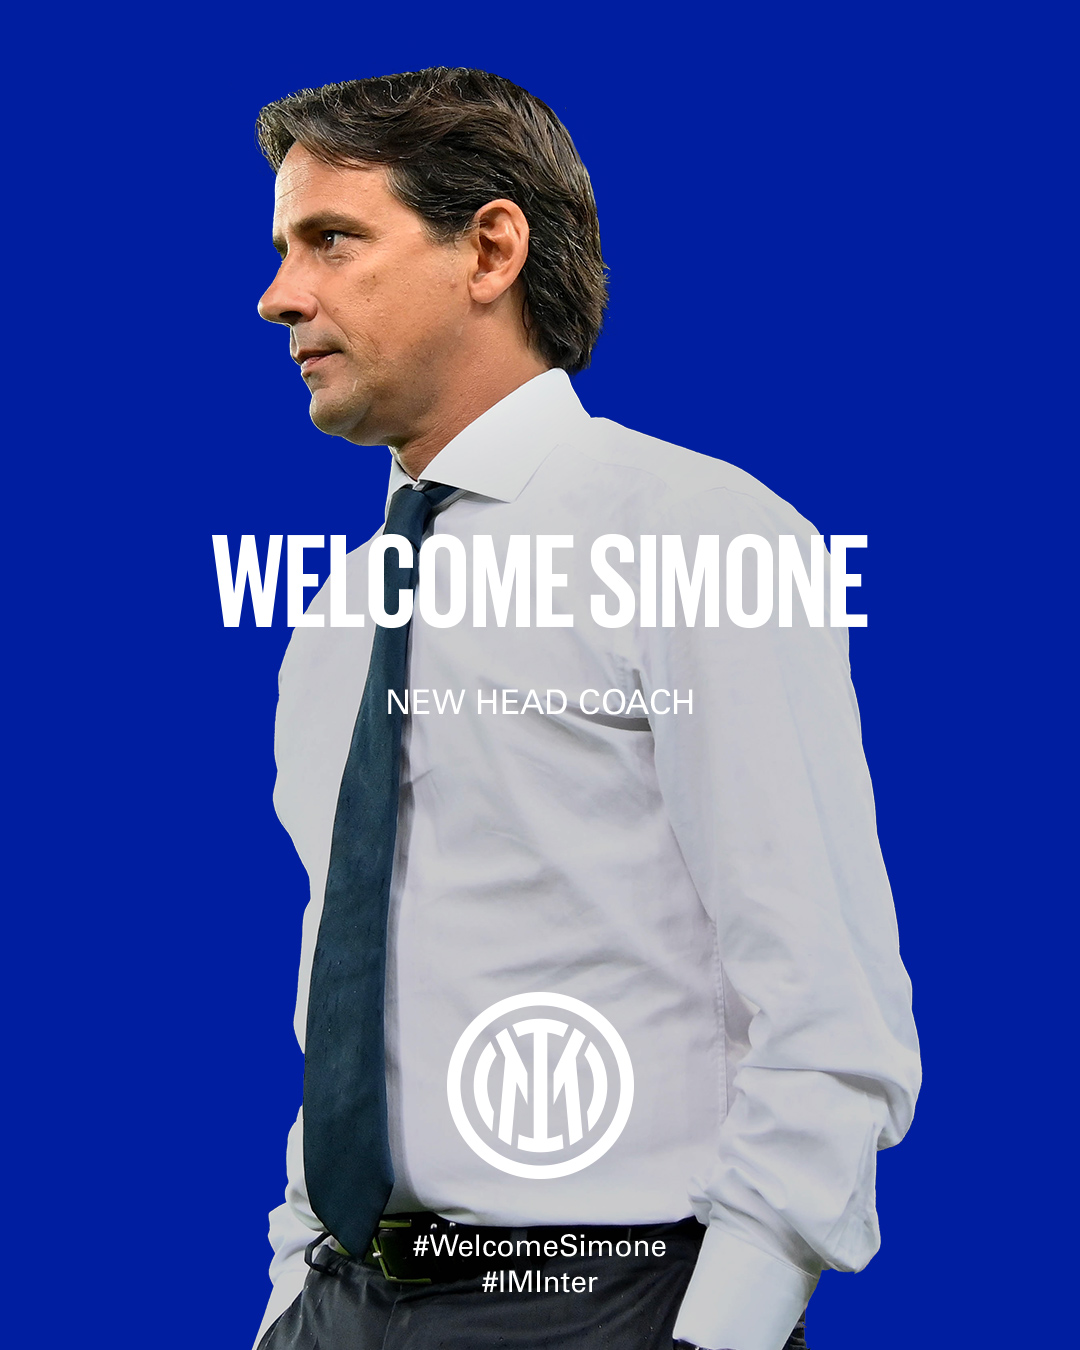 El Inter tiene nuevo entrenador